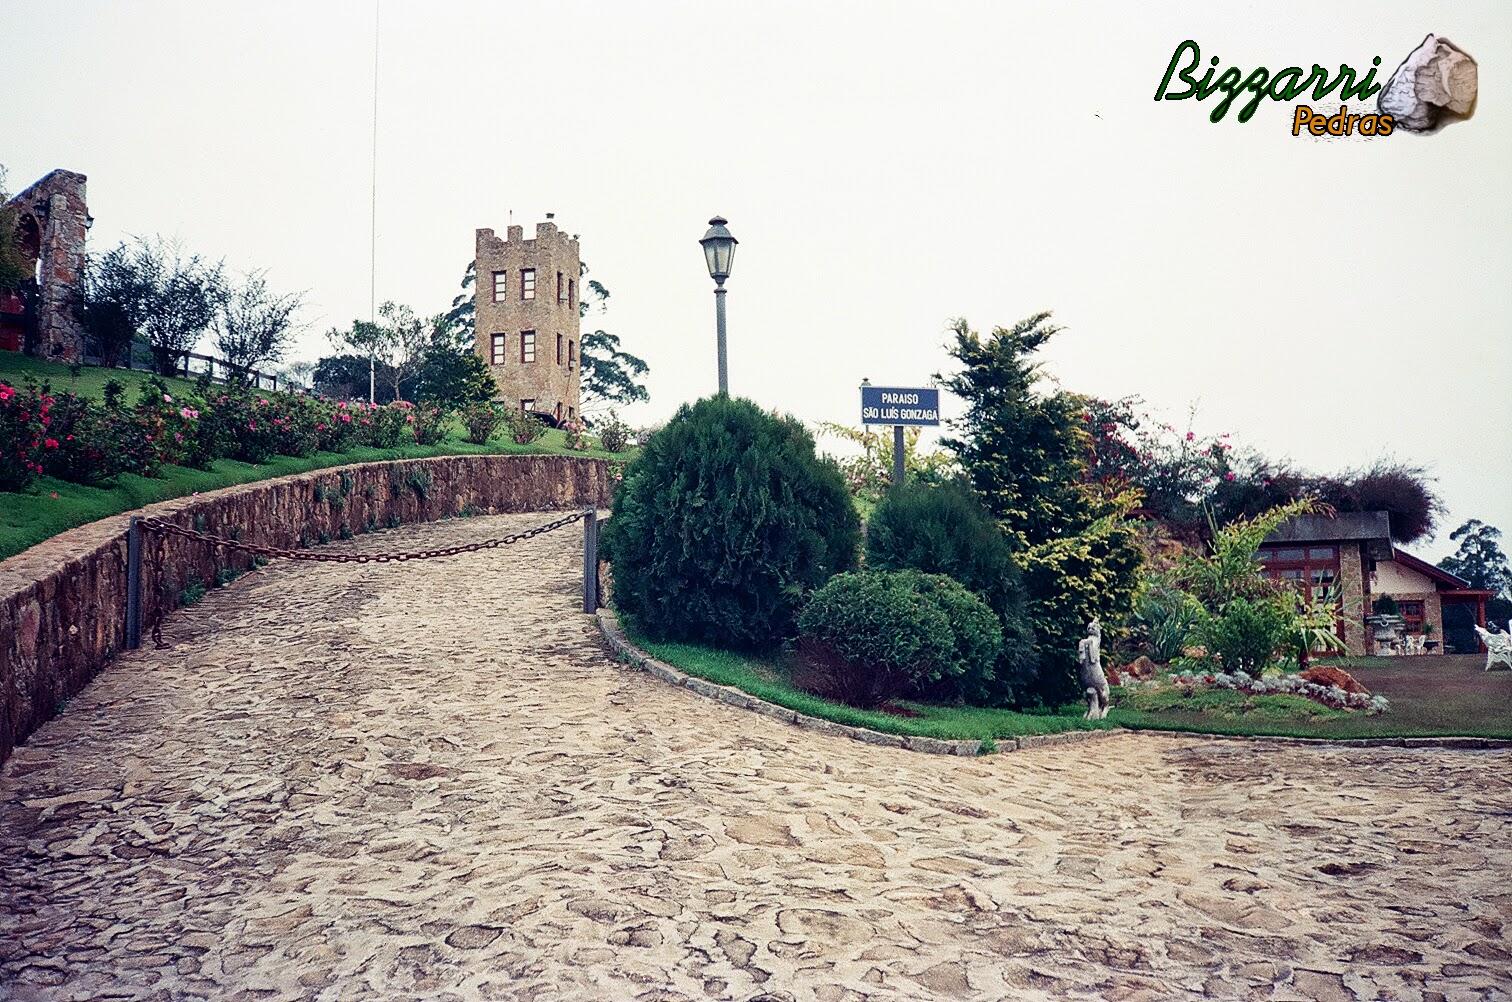 Na entrada do sítio em Mairiporã-SP o calçamento de pedra rústica com os muros de pedra, torre de pedra e o paisagismo.